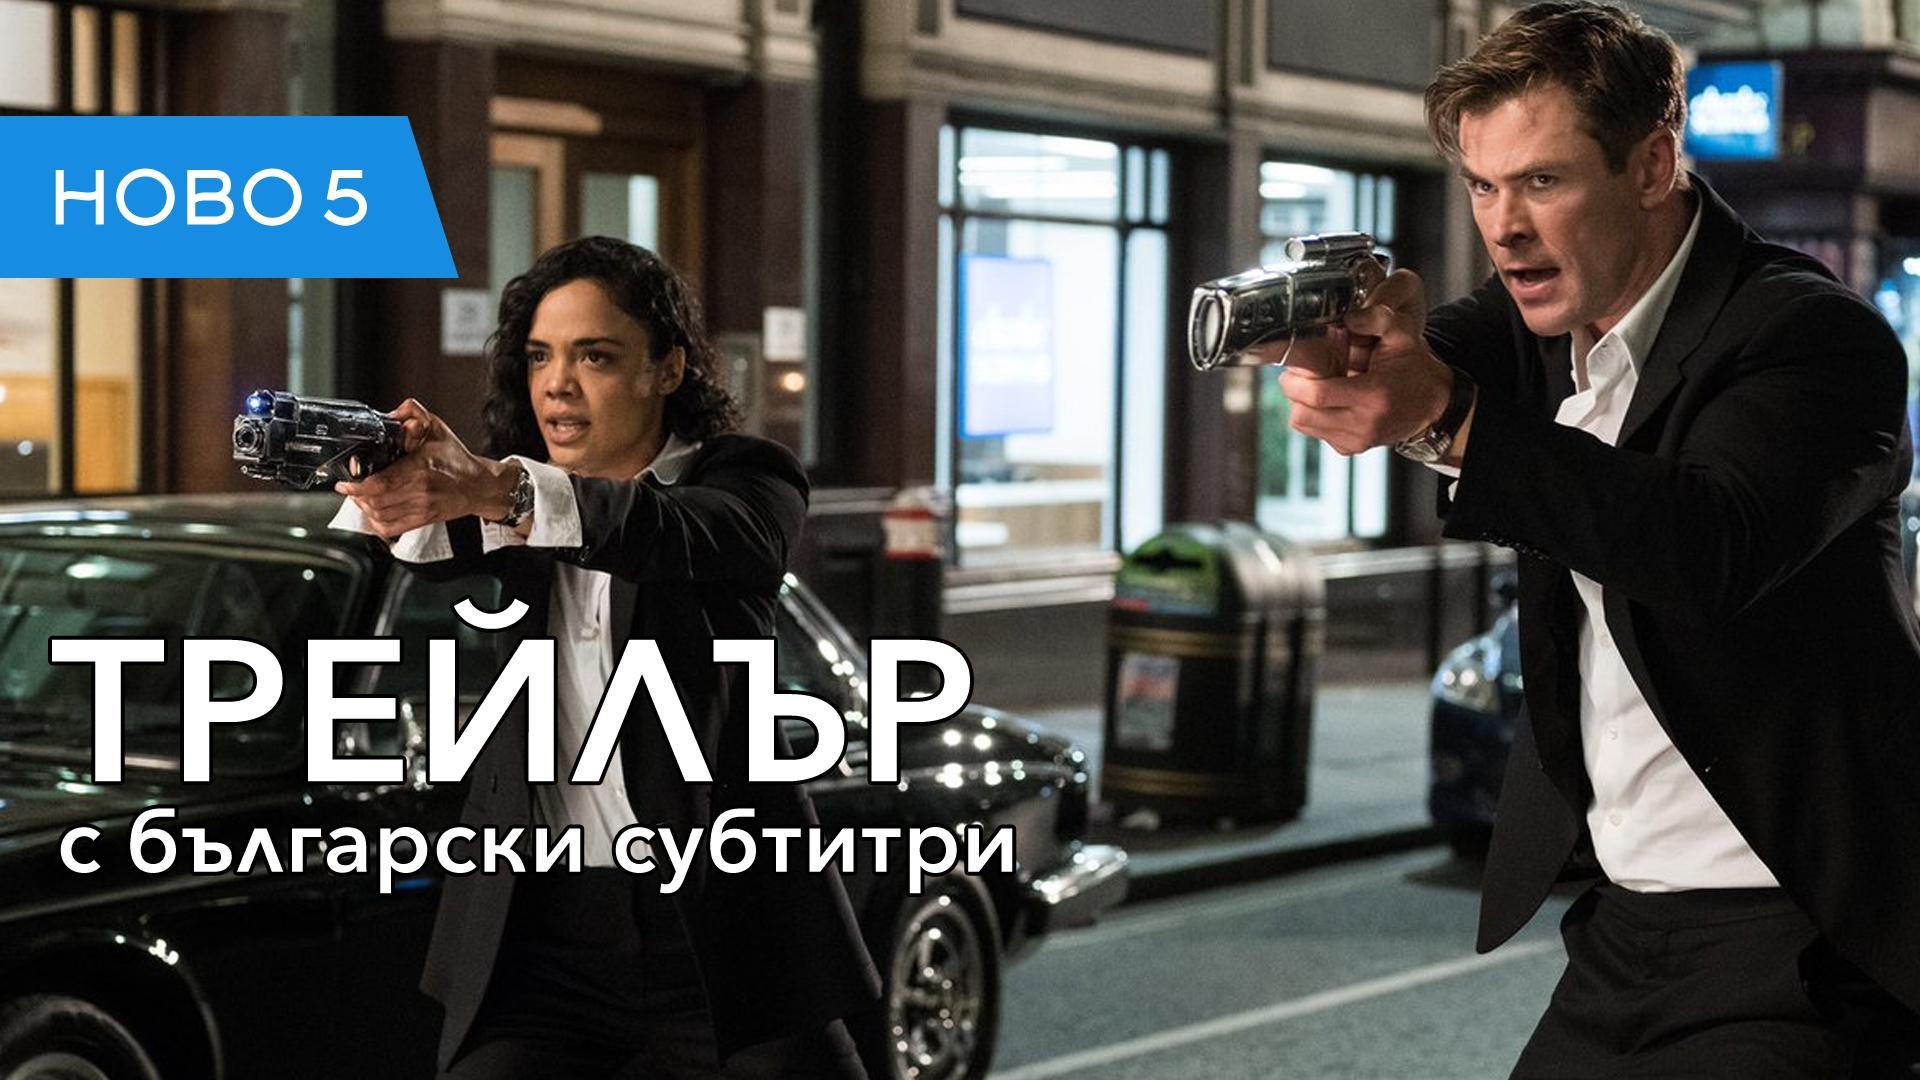 Мъже в черно: Глобална заплаха (2019) трейлър с български субтитри